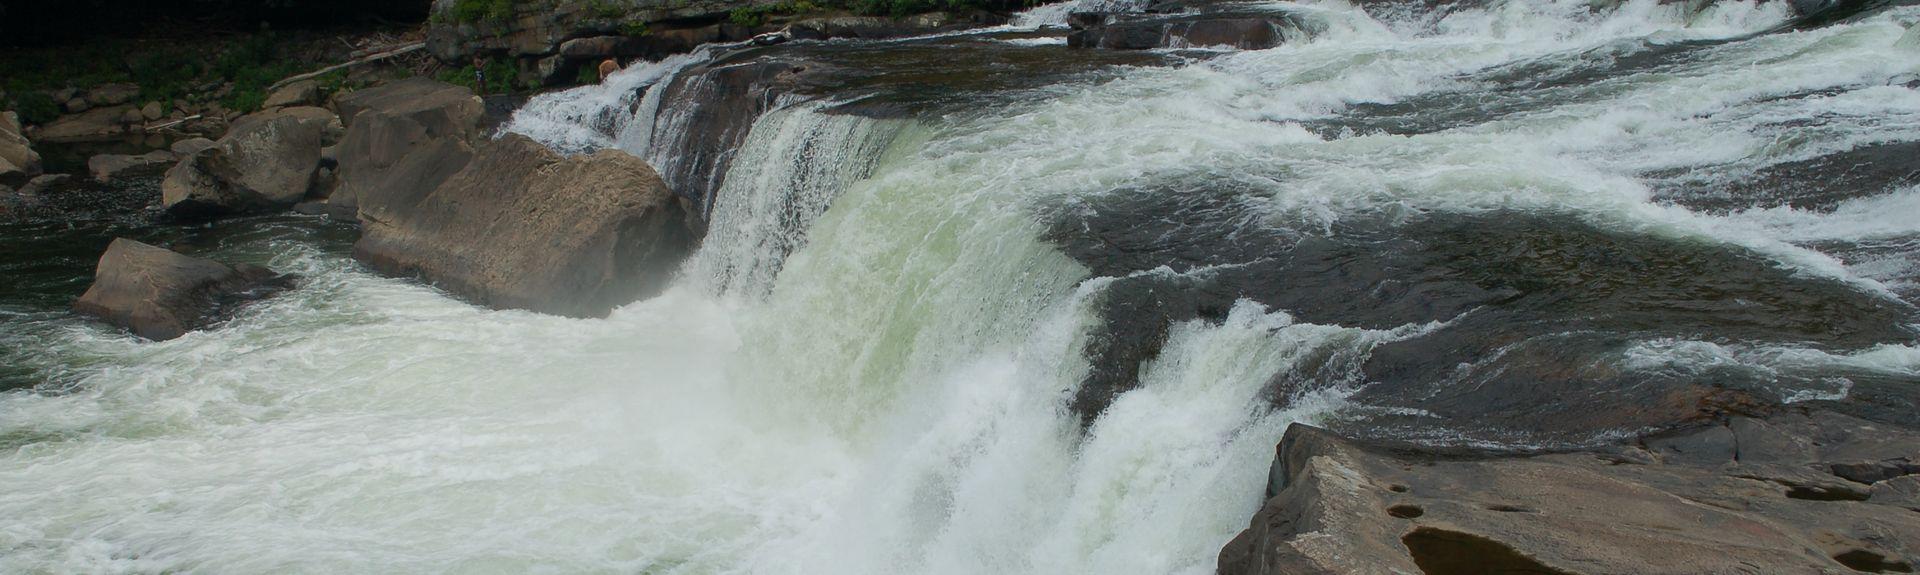 Cucumber Falls, PA, USA